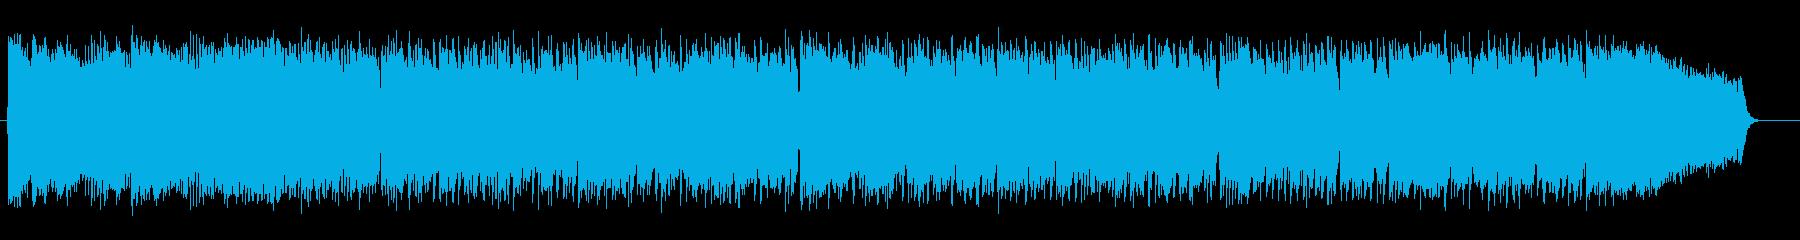 明るく疾走感のあるシンセサイザーサウンドの再生済みの波形